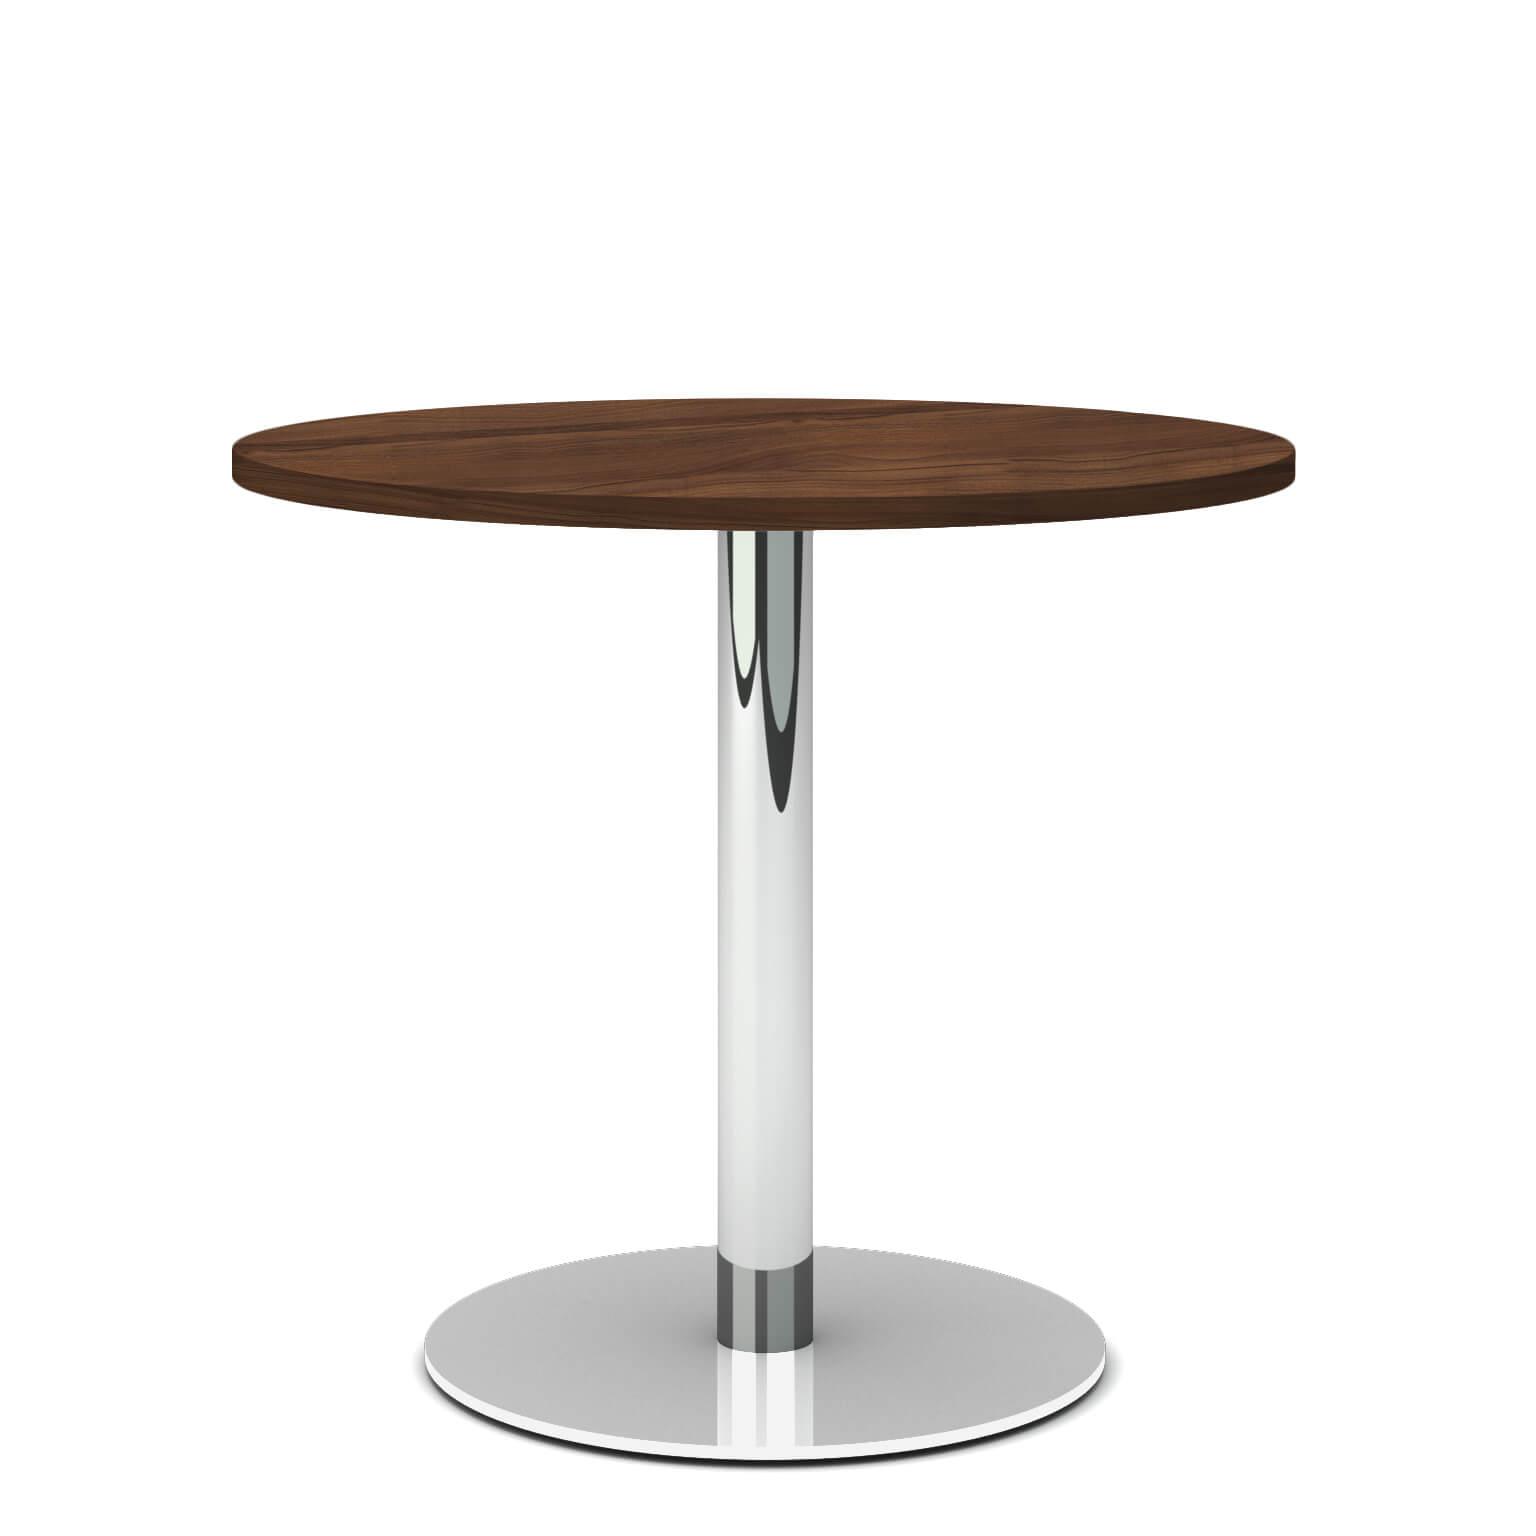 OPTIMA runder Besprechungstisch Ø 80 cm Nussbaum Verchromtes Gestell Tisch Esstisch